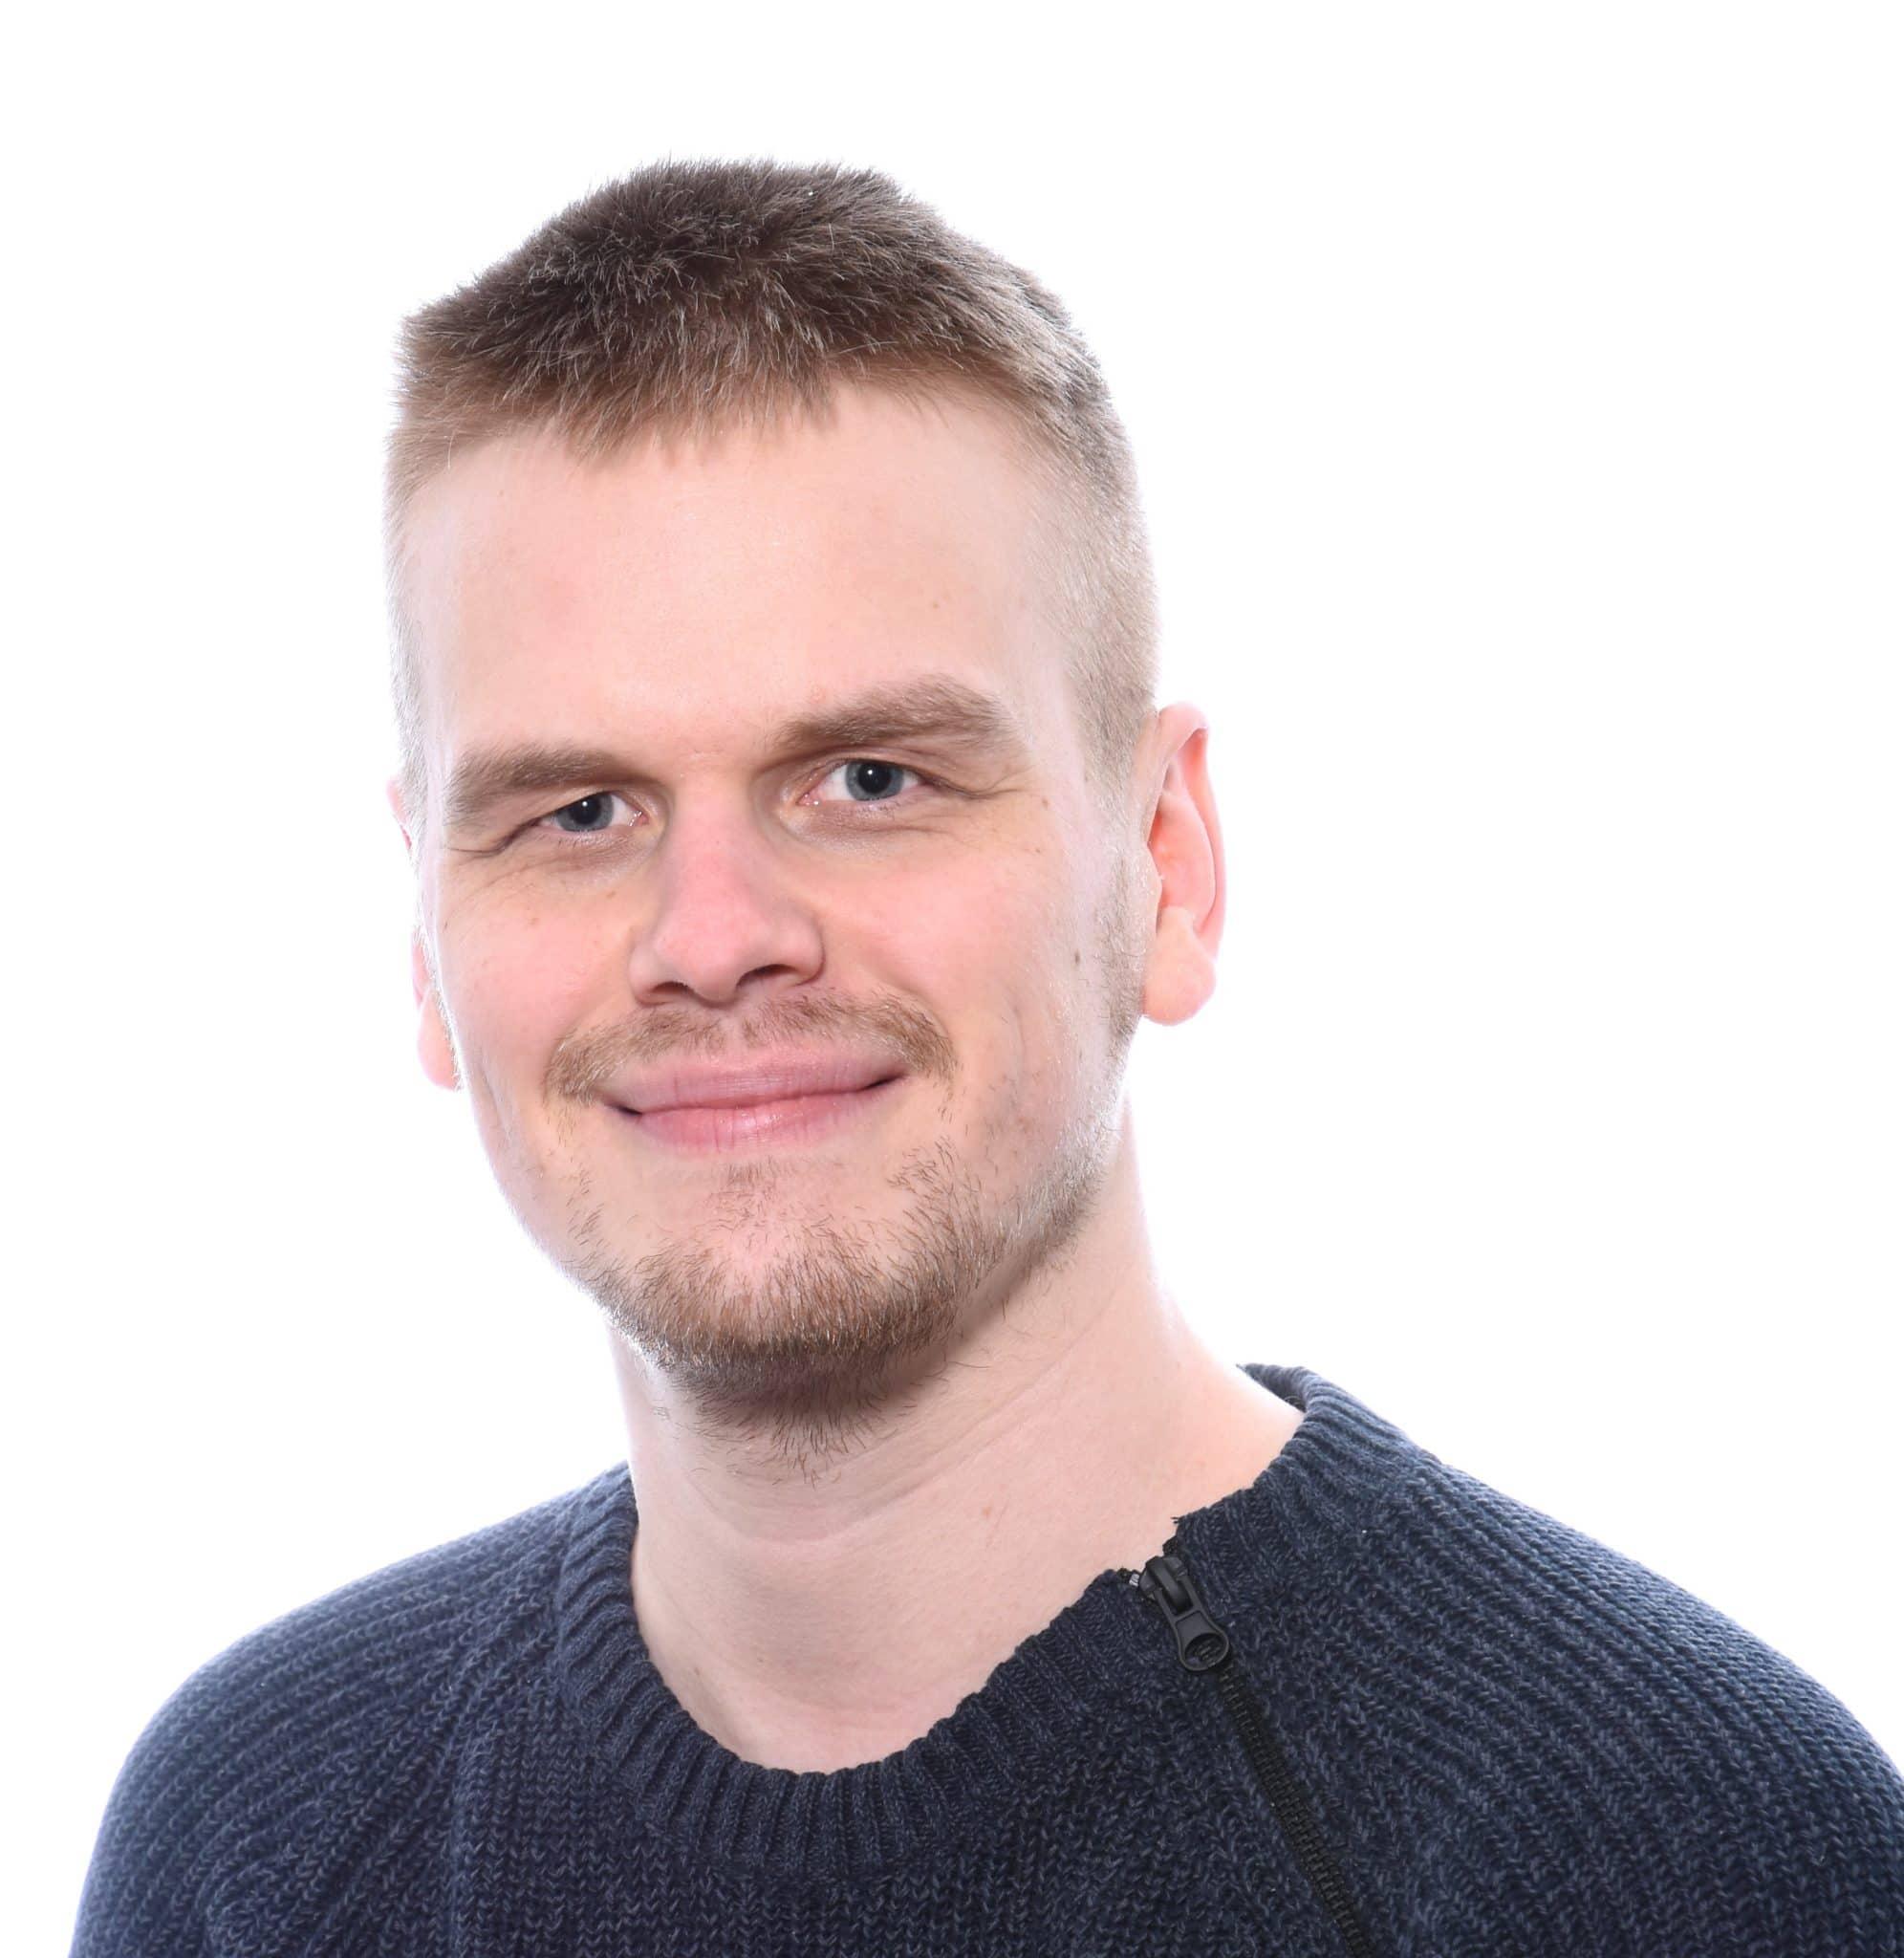 Janne Mäke